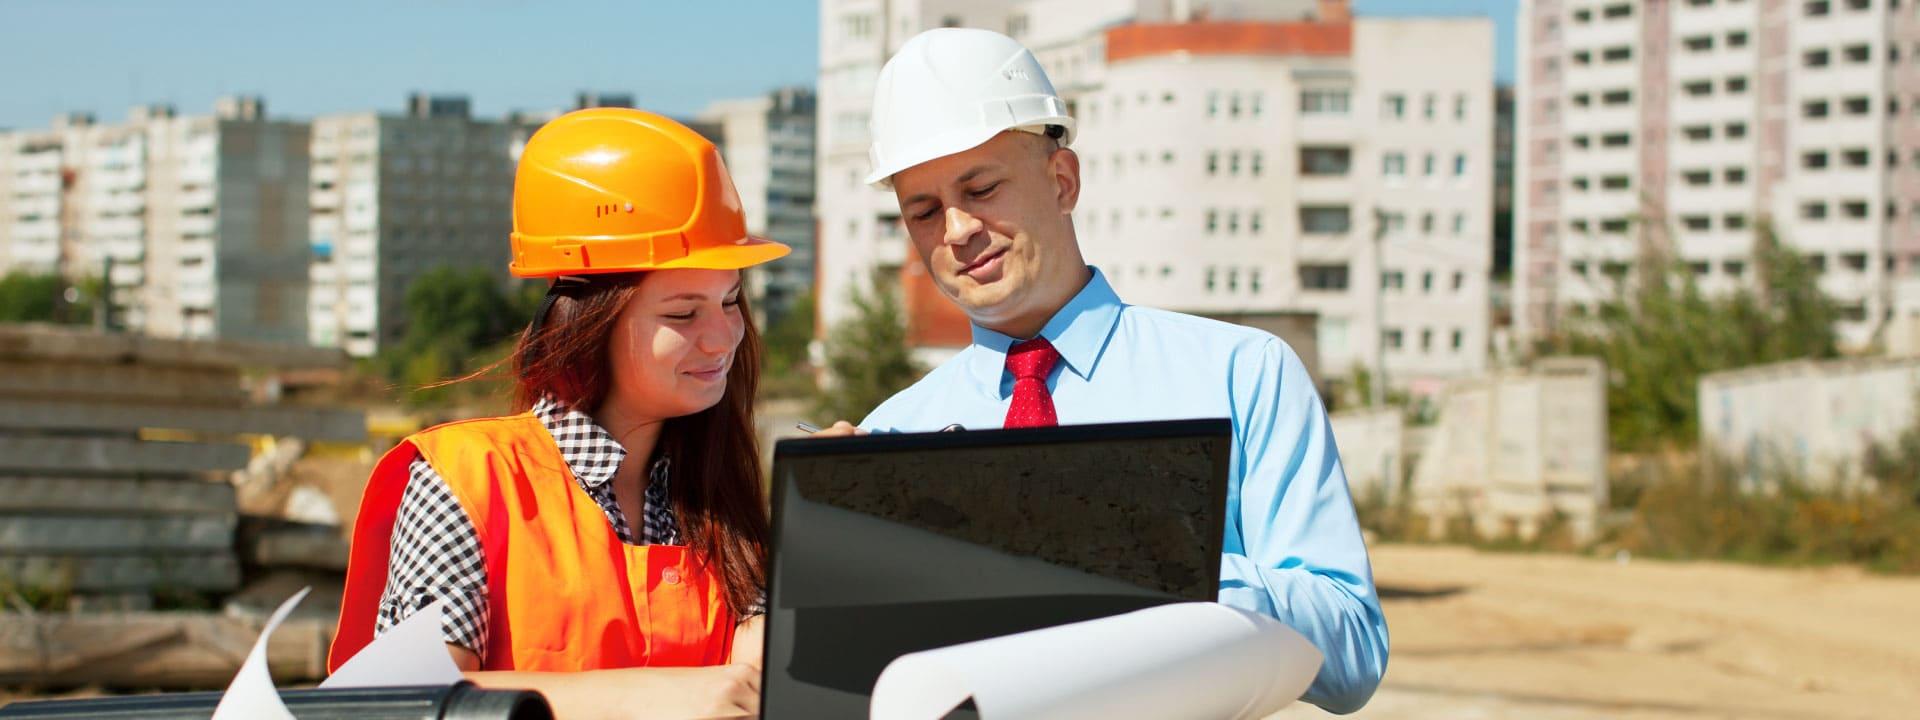 Você precisa contratar mão de obra capacitada para construção civil? Veja como fazer isso de maneira eficiente!